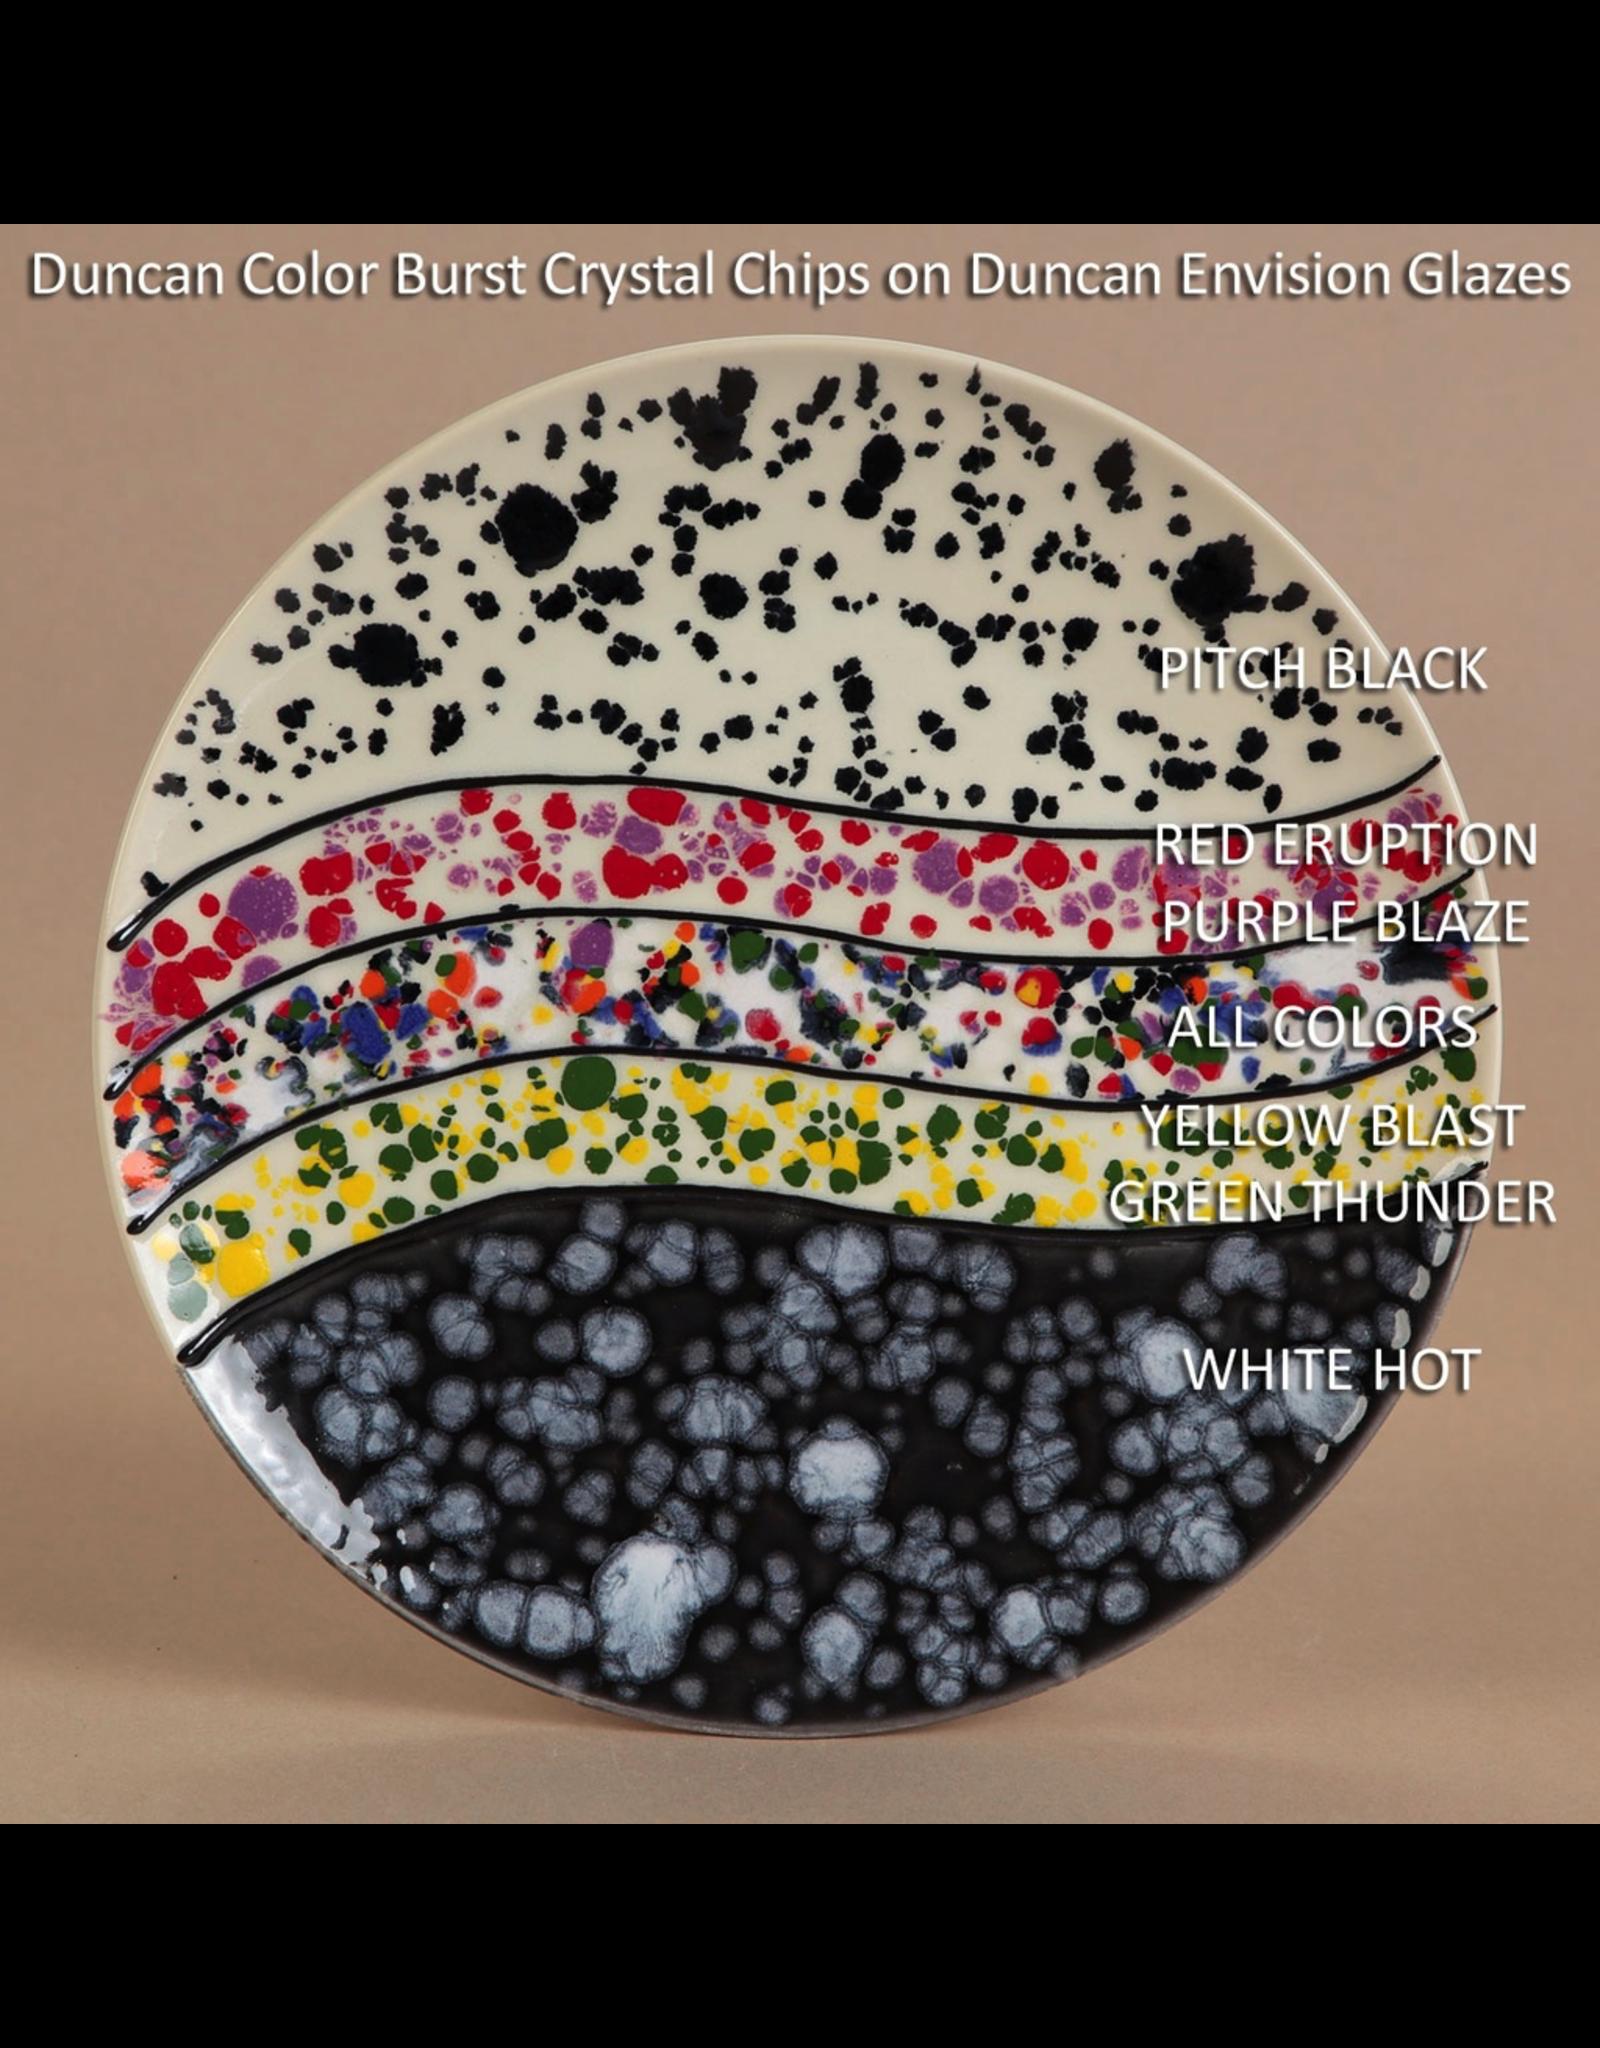 Duncan Green Thunder Colour Burst Crystal Chips